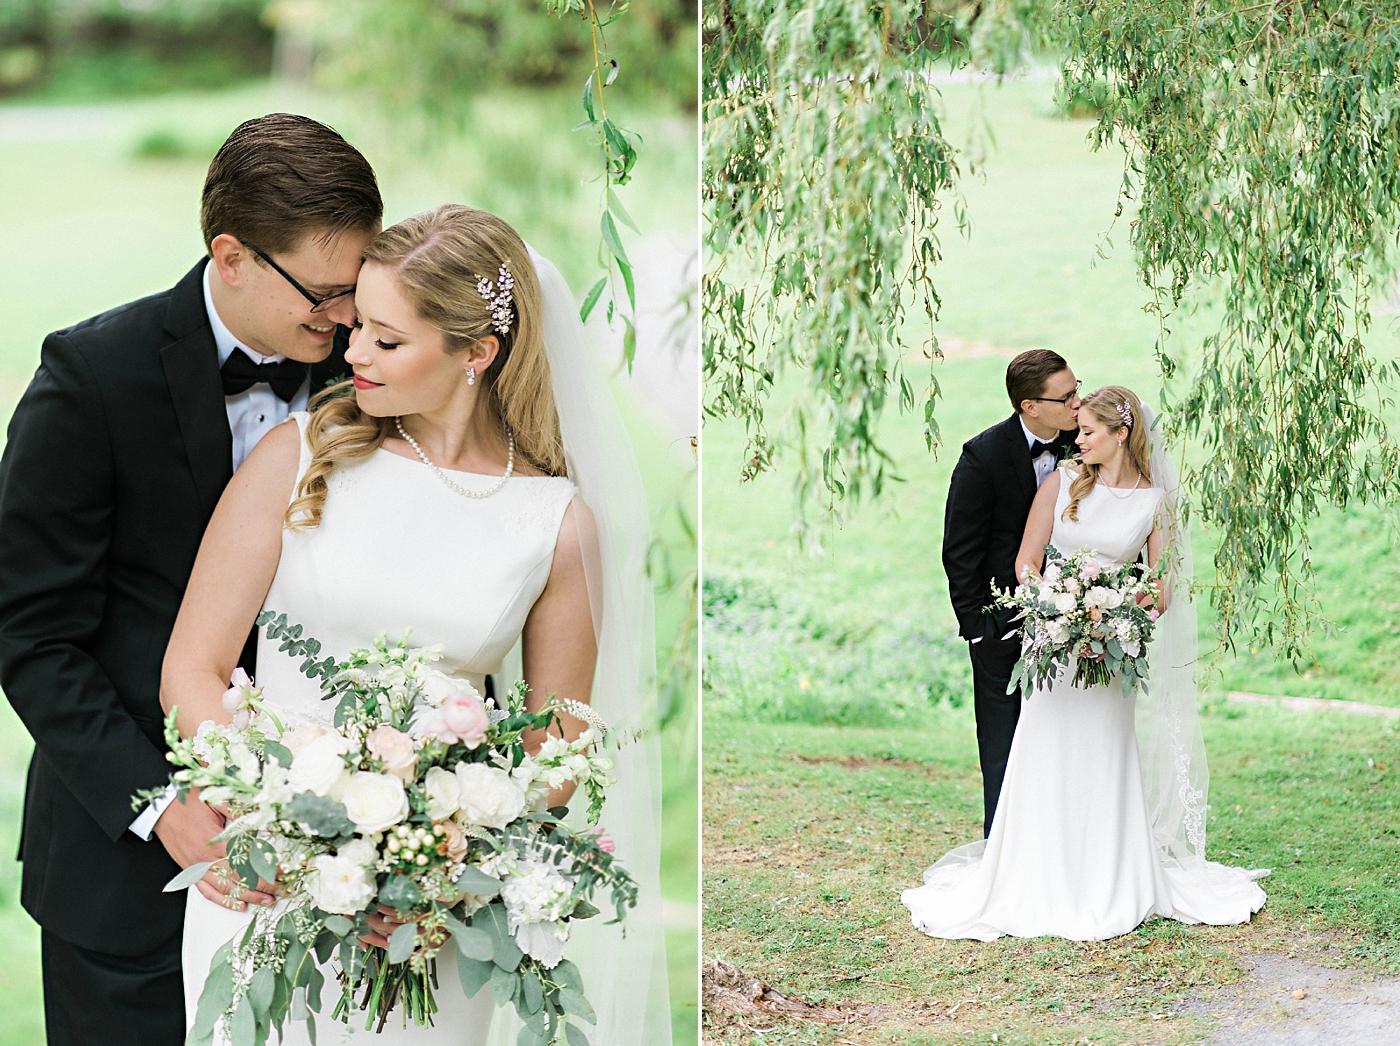 Halifax-Wedding-Photographer-New Brunswick Wedding- Nicolle & Ethan29.jpeg